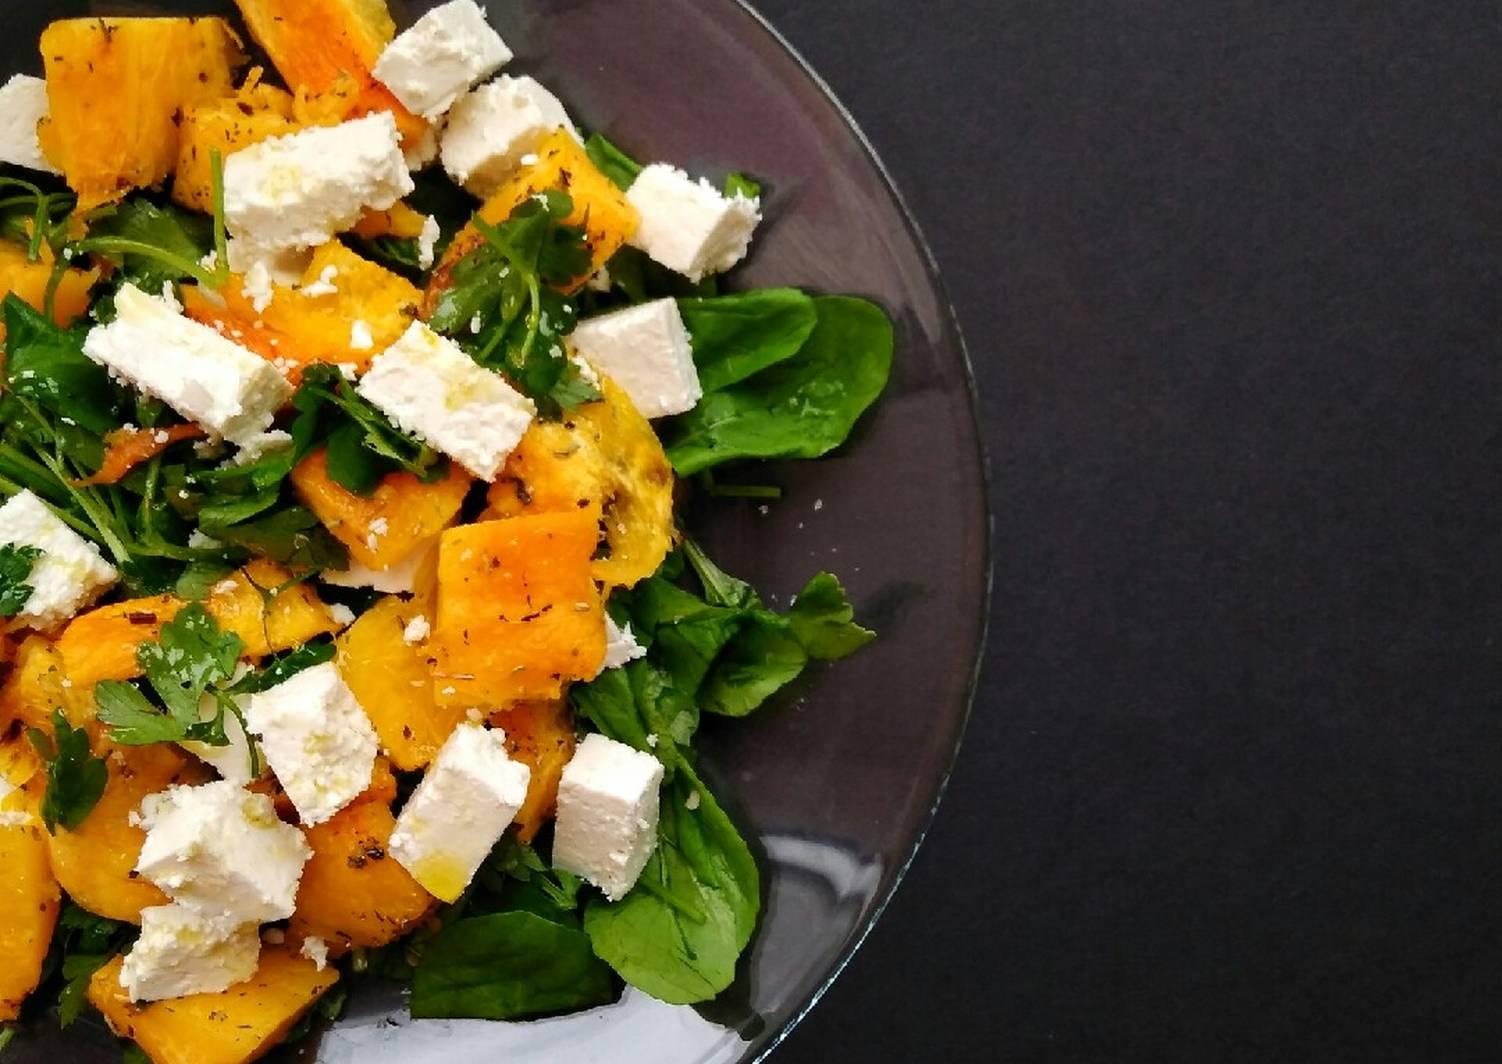 что каждого салат из тыквы рецепты с фото еще елены